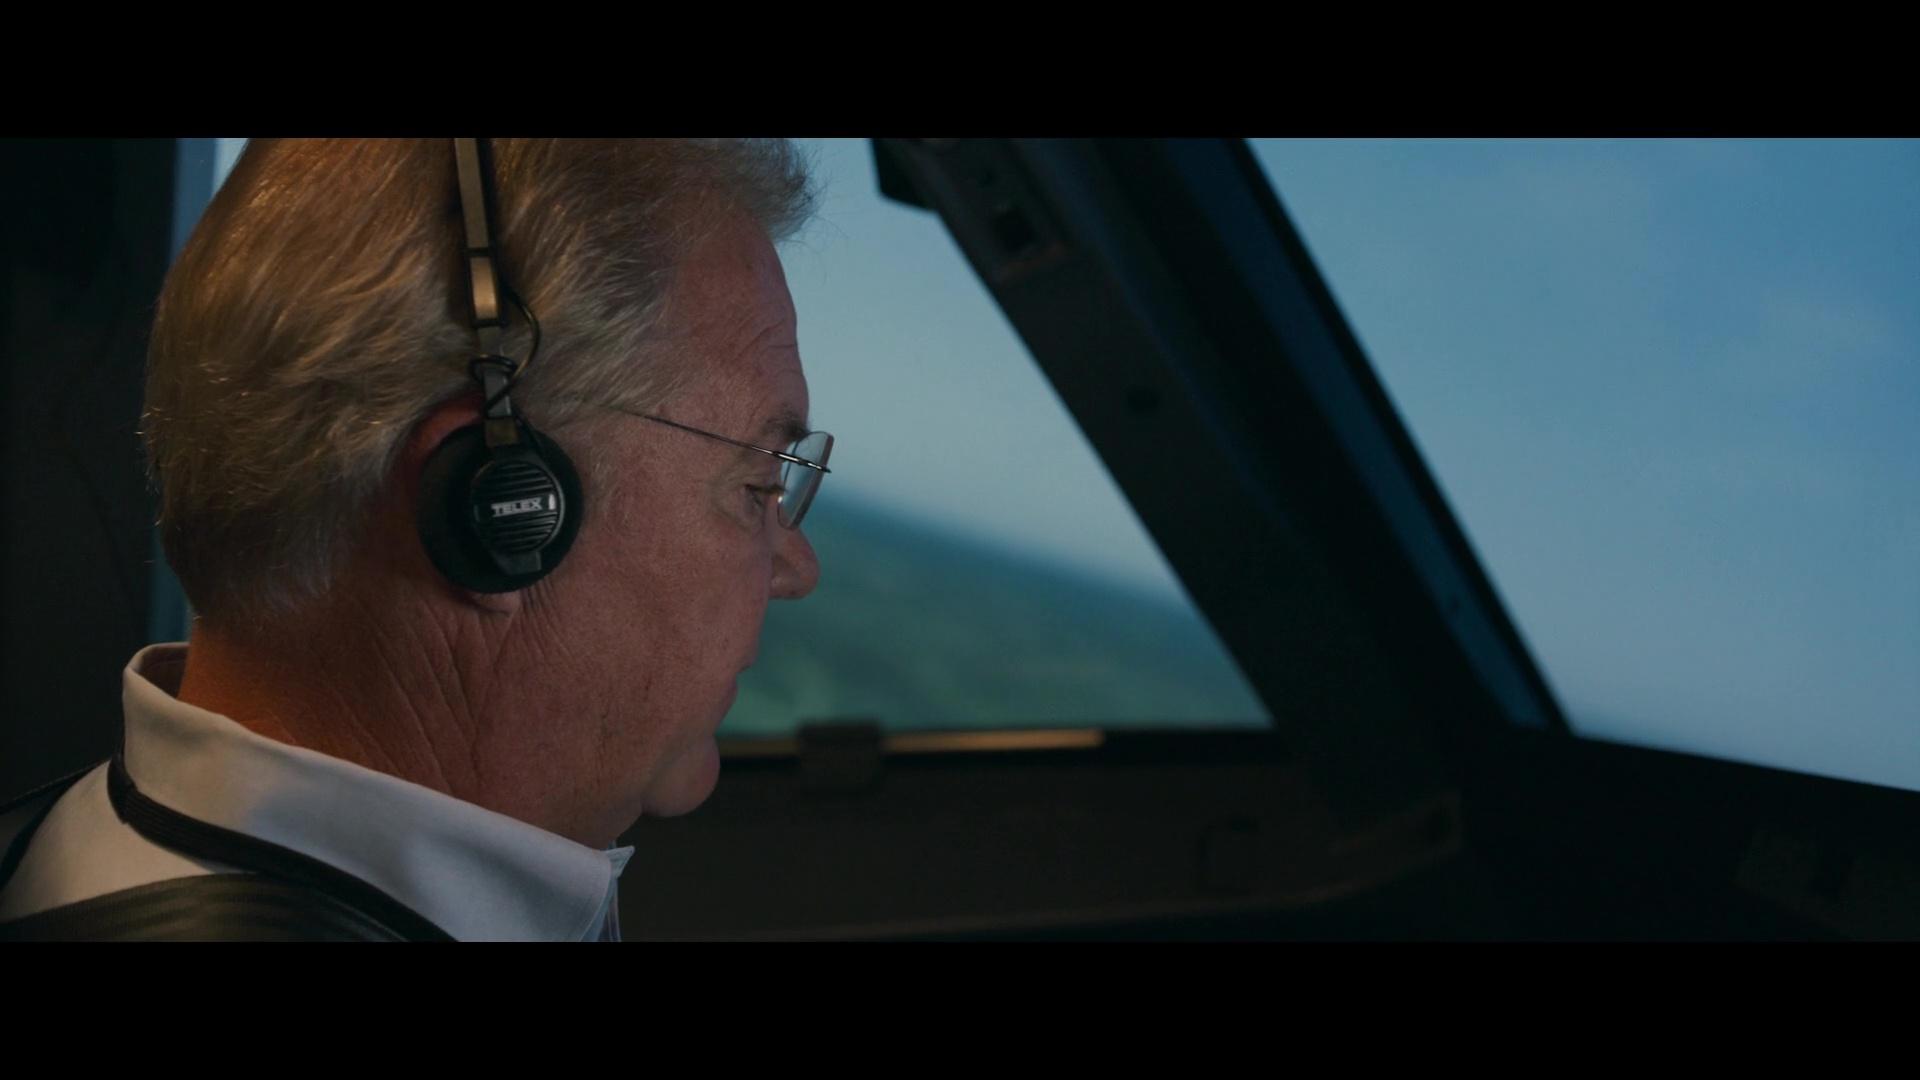 Sully Hazaña En El Hudson 1080p Lat-Cast-Ing 5.1 (2016)